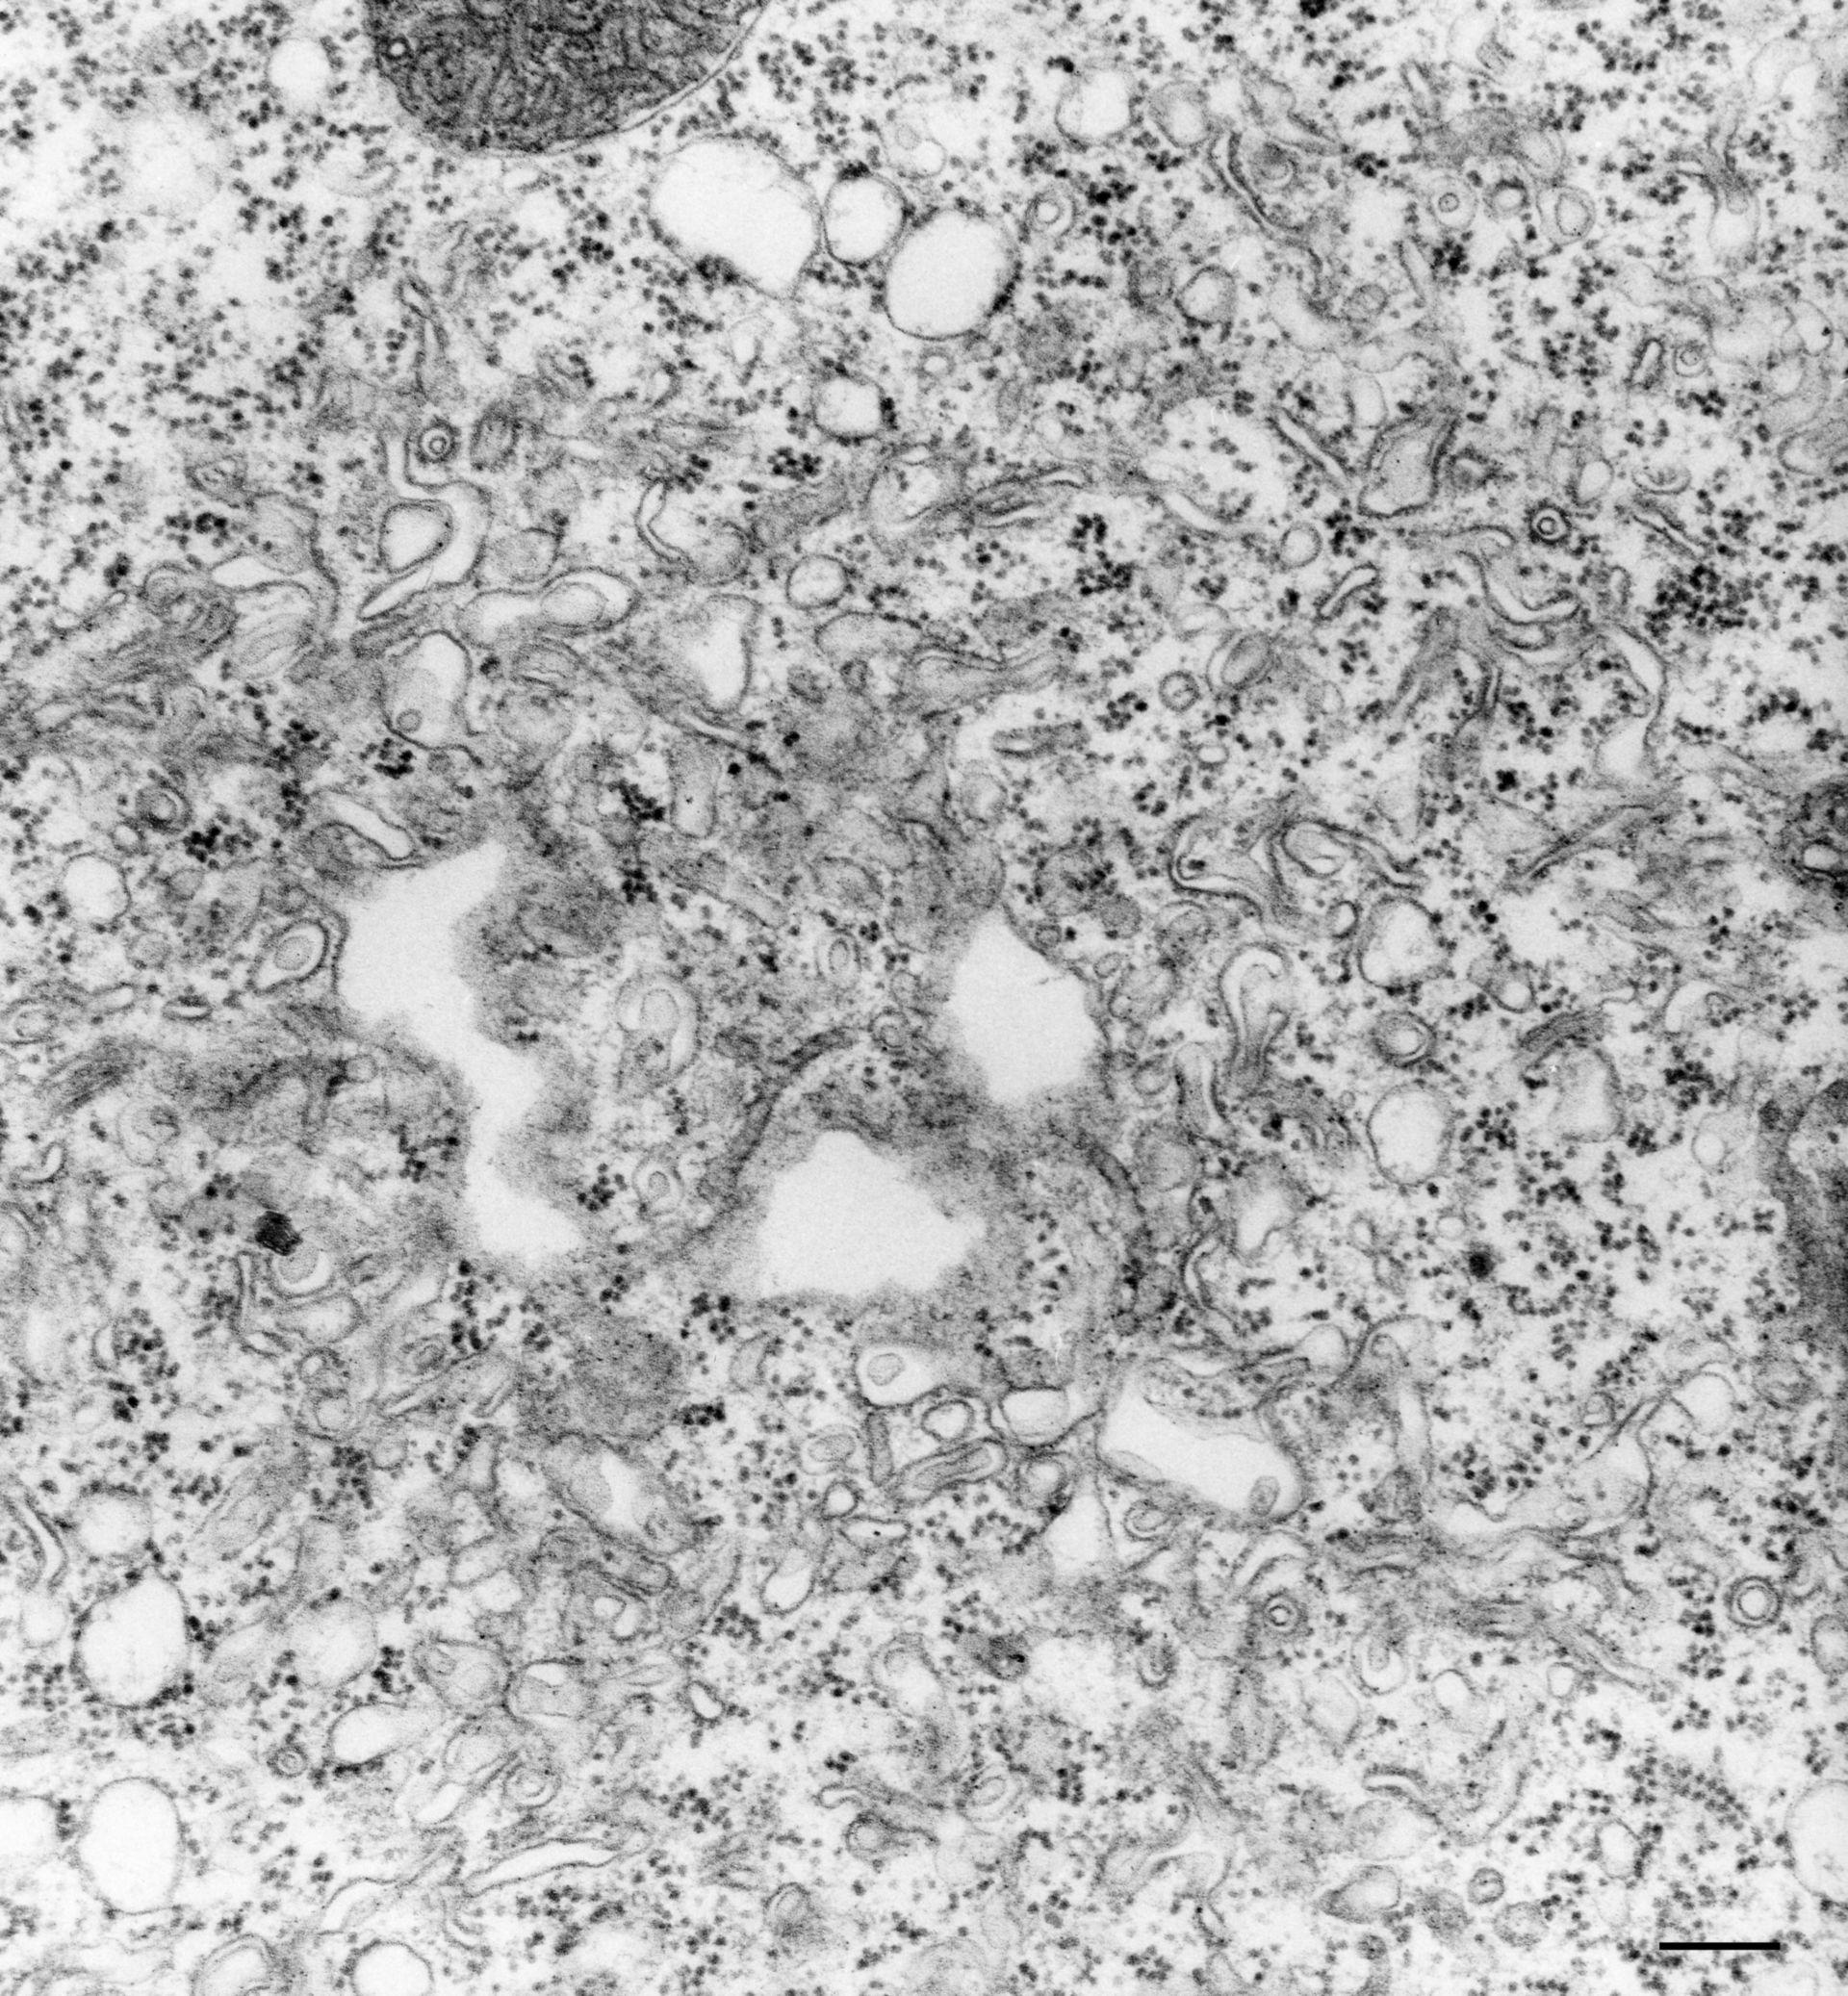 Vorticella convallaria (Spongiome) - CIL:36279